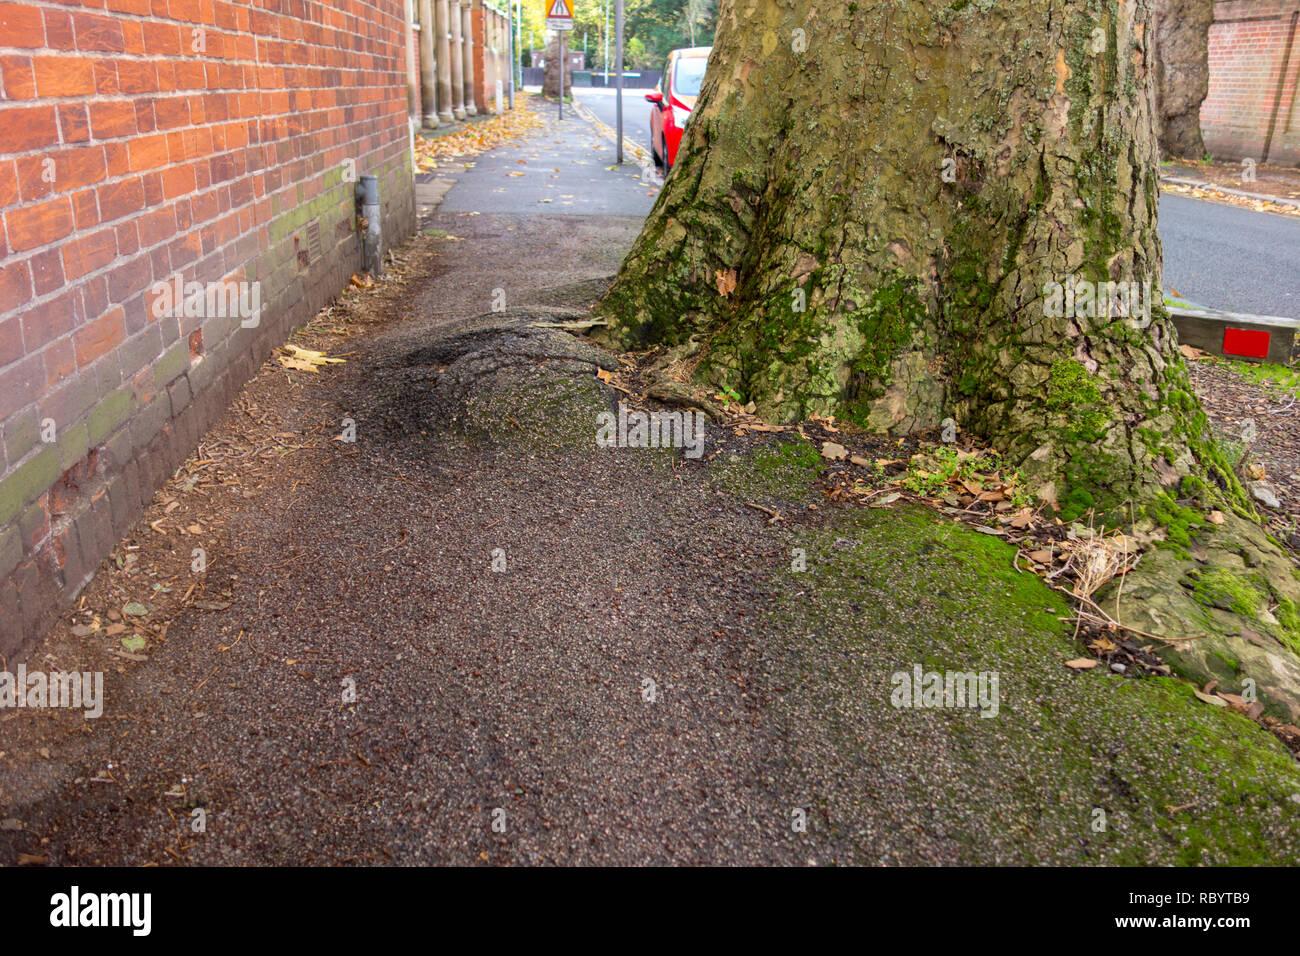 Les racines des arbres causant des dommages à l'arbre d'empiéter sur la chaussée - pavé de Cambridge, Royaume-Uni Photo Stock